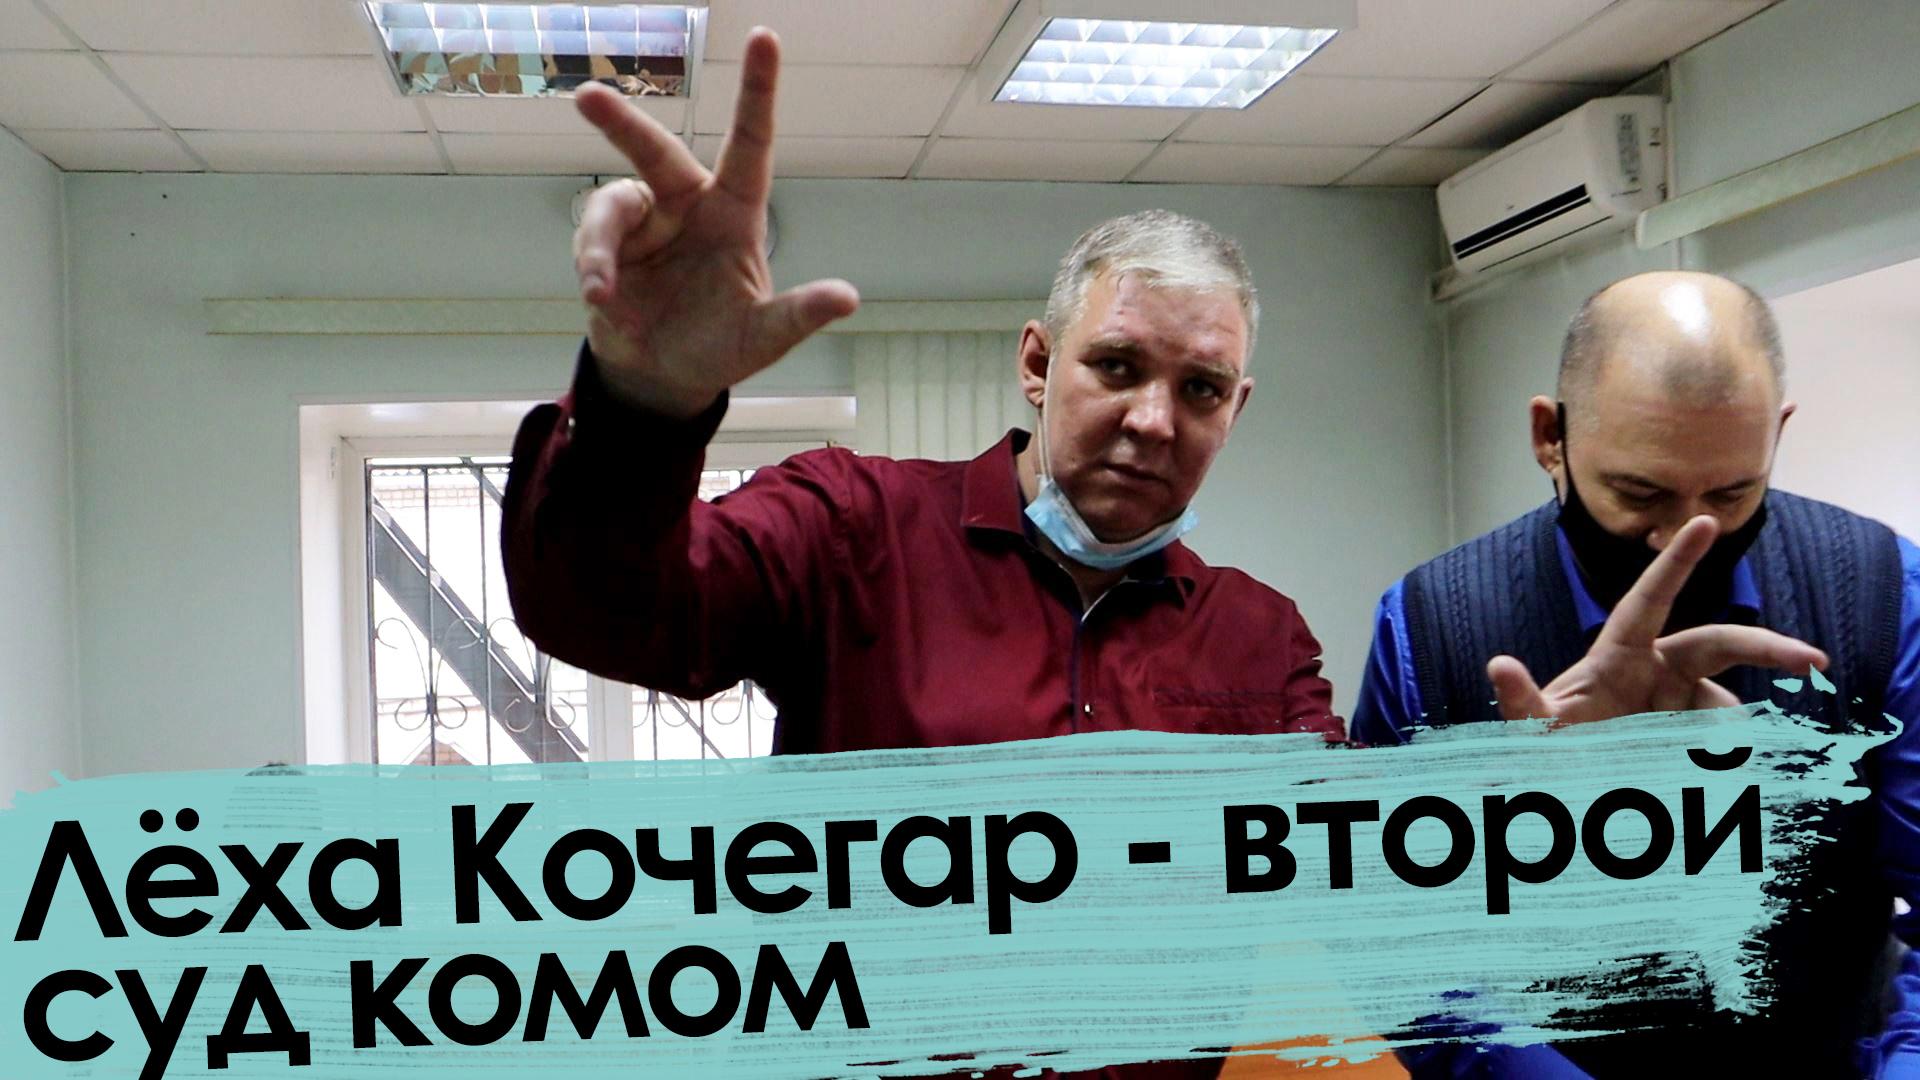 Вечорка ТВ: Лёха Кочегар - второй суд комом